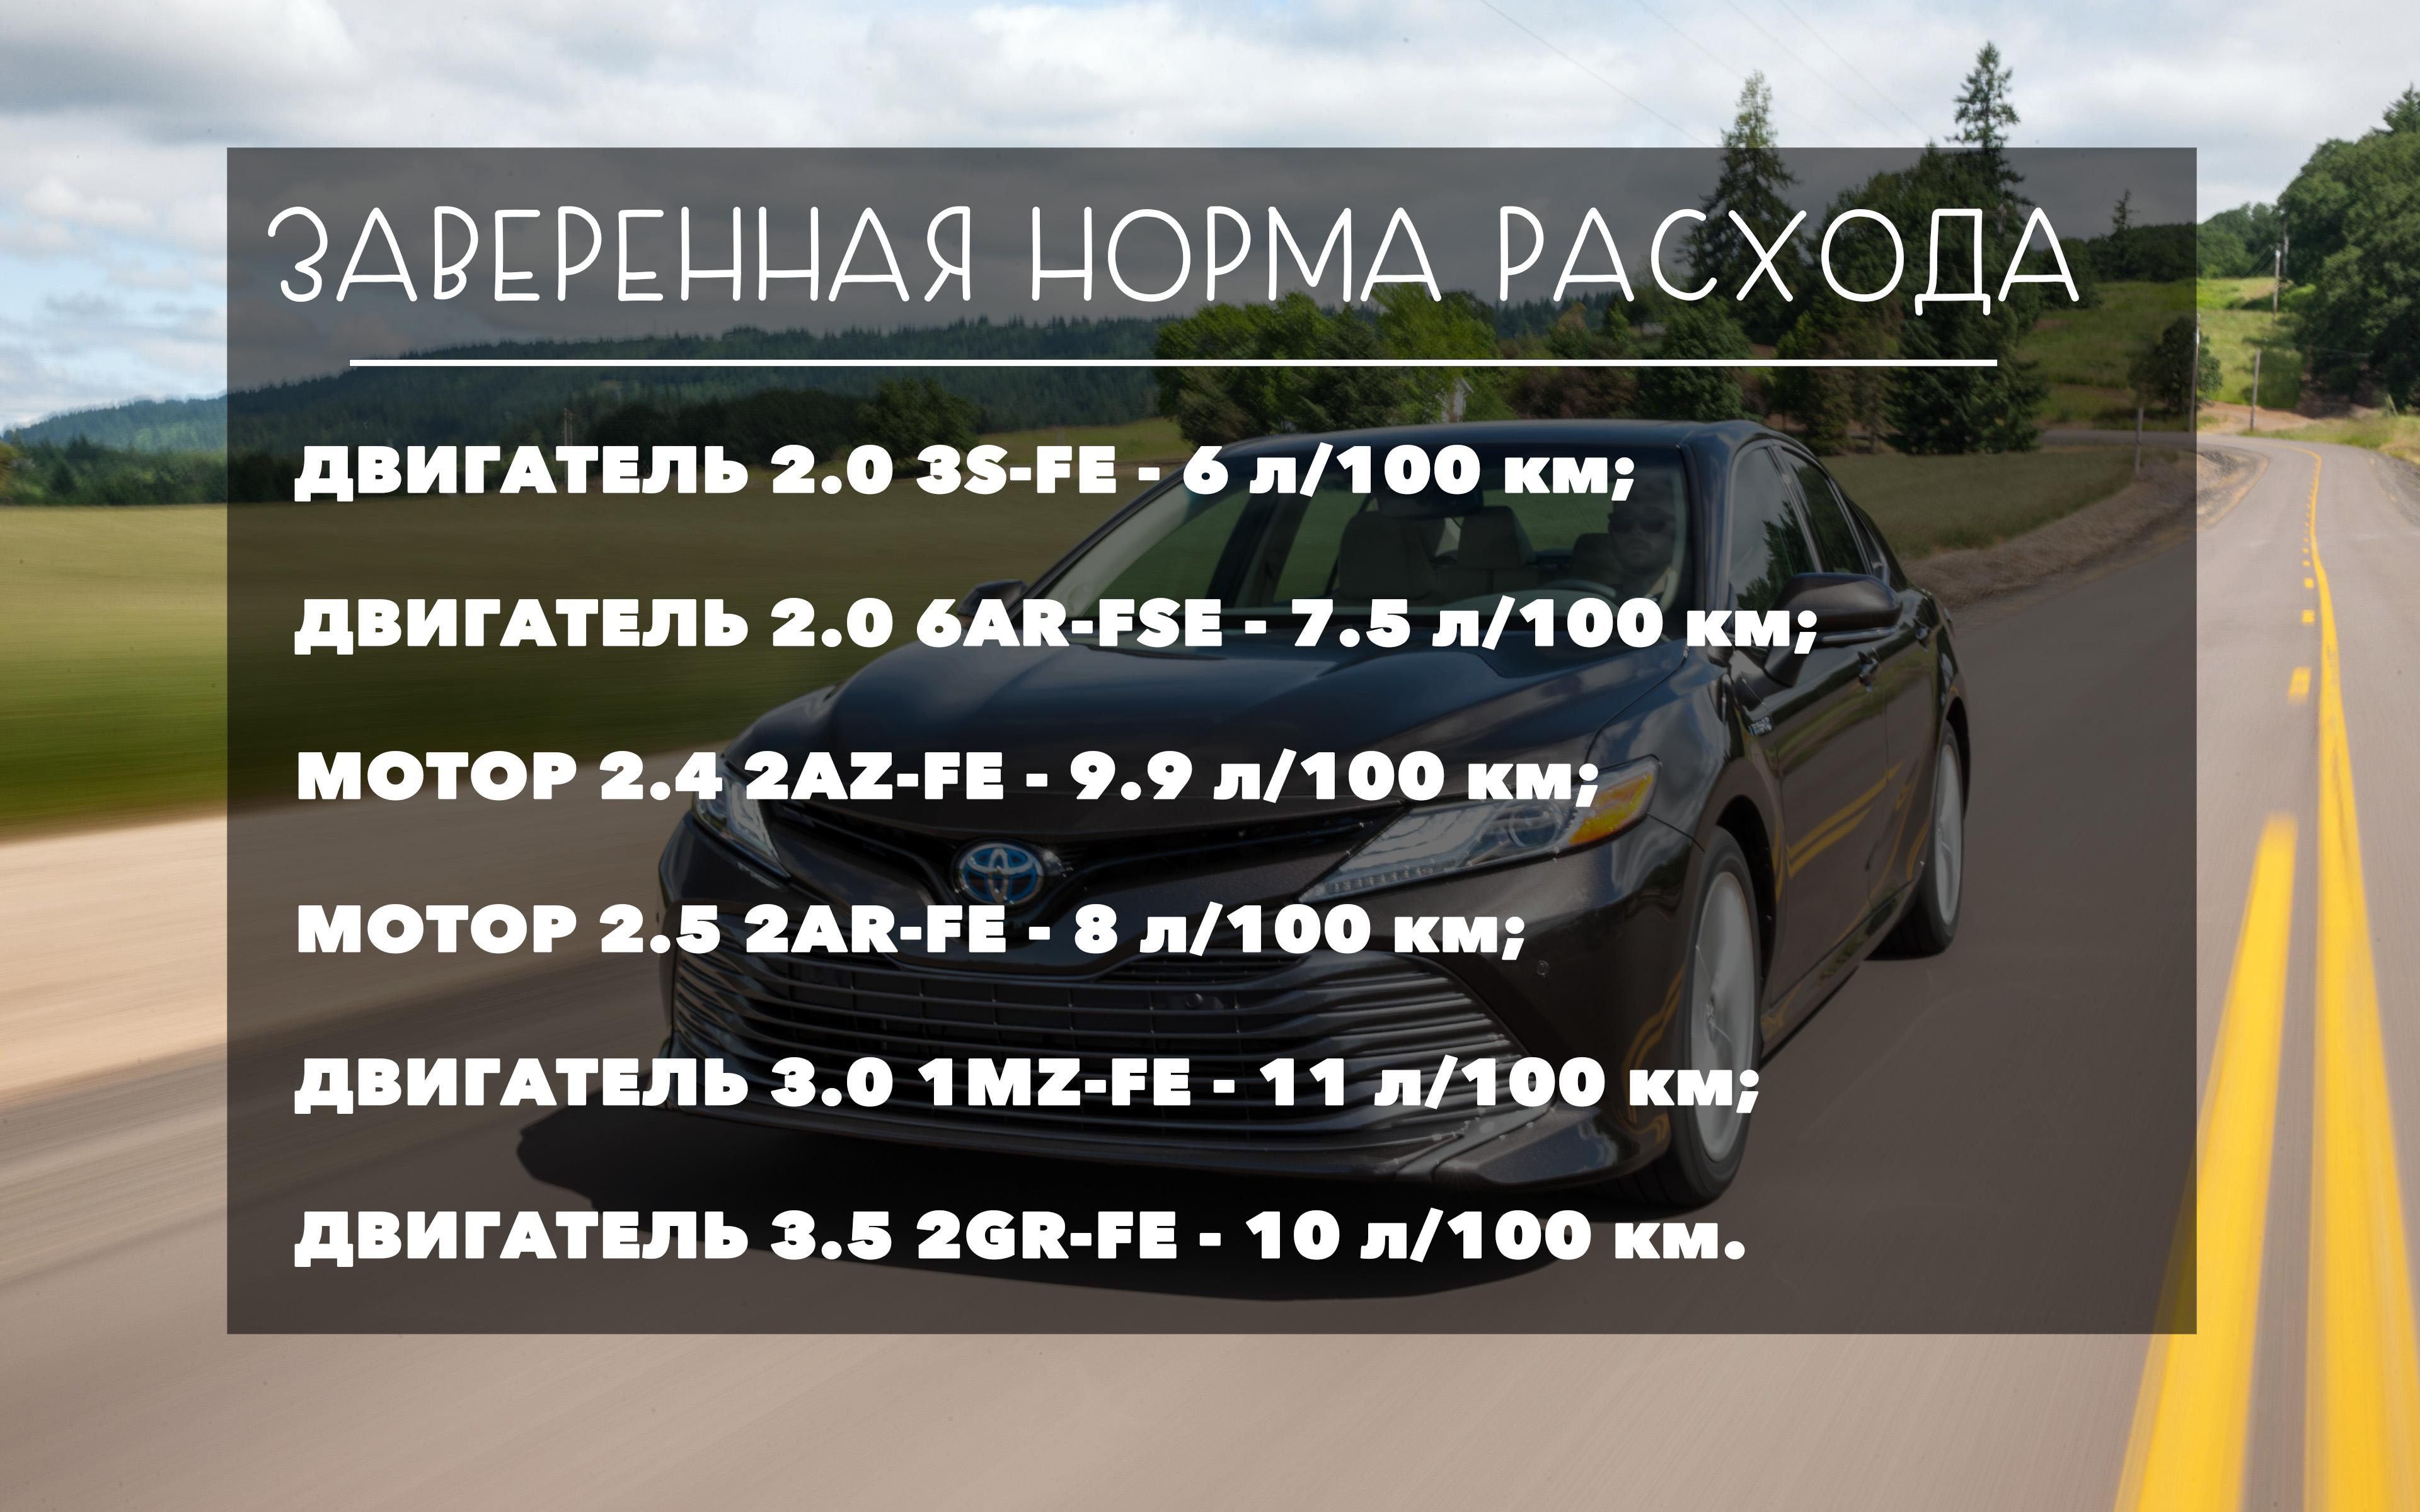 Тойота Камри 2.0, 2.4, 2.5, 3.0, 3.5 расход топлива на 100 км